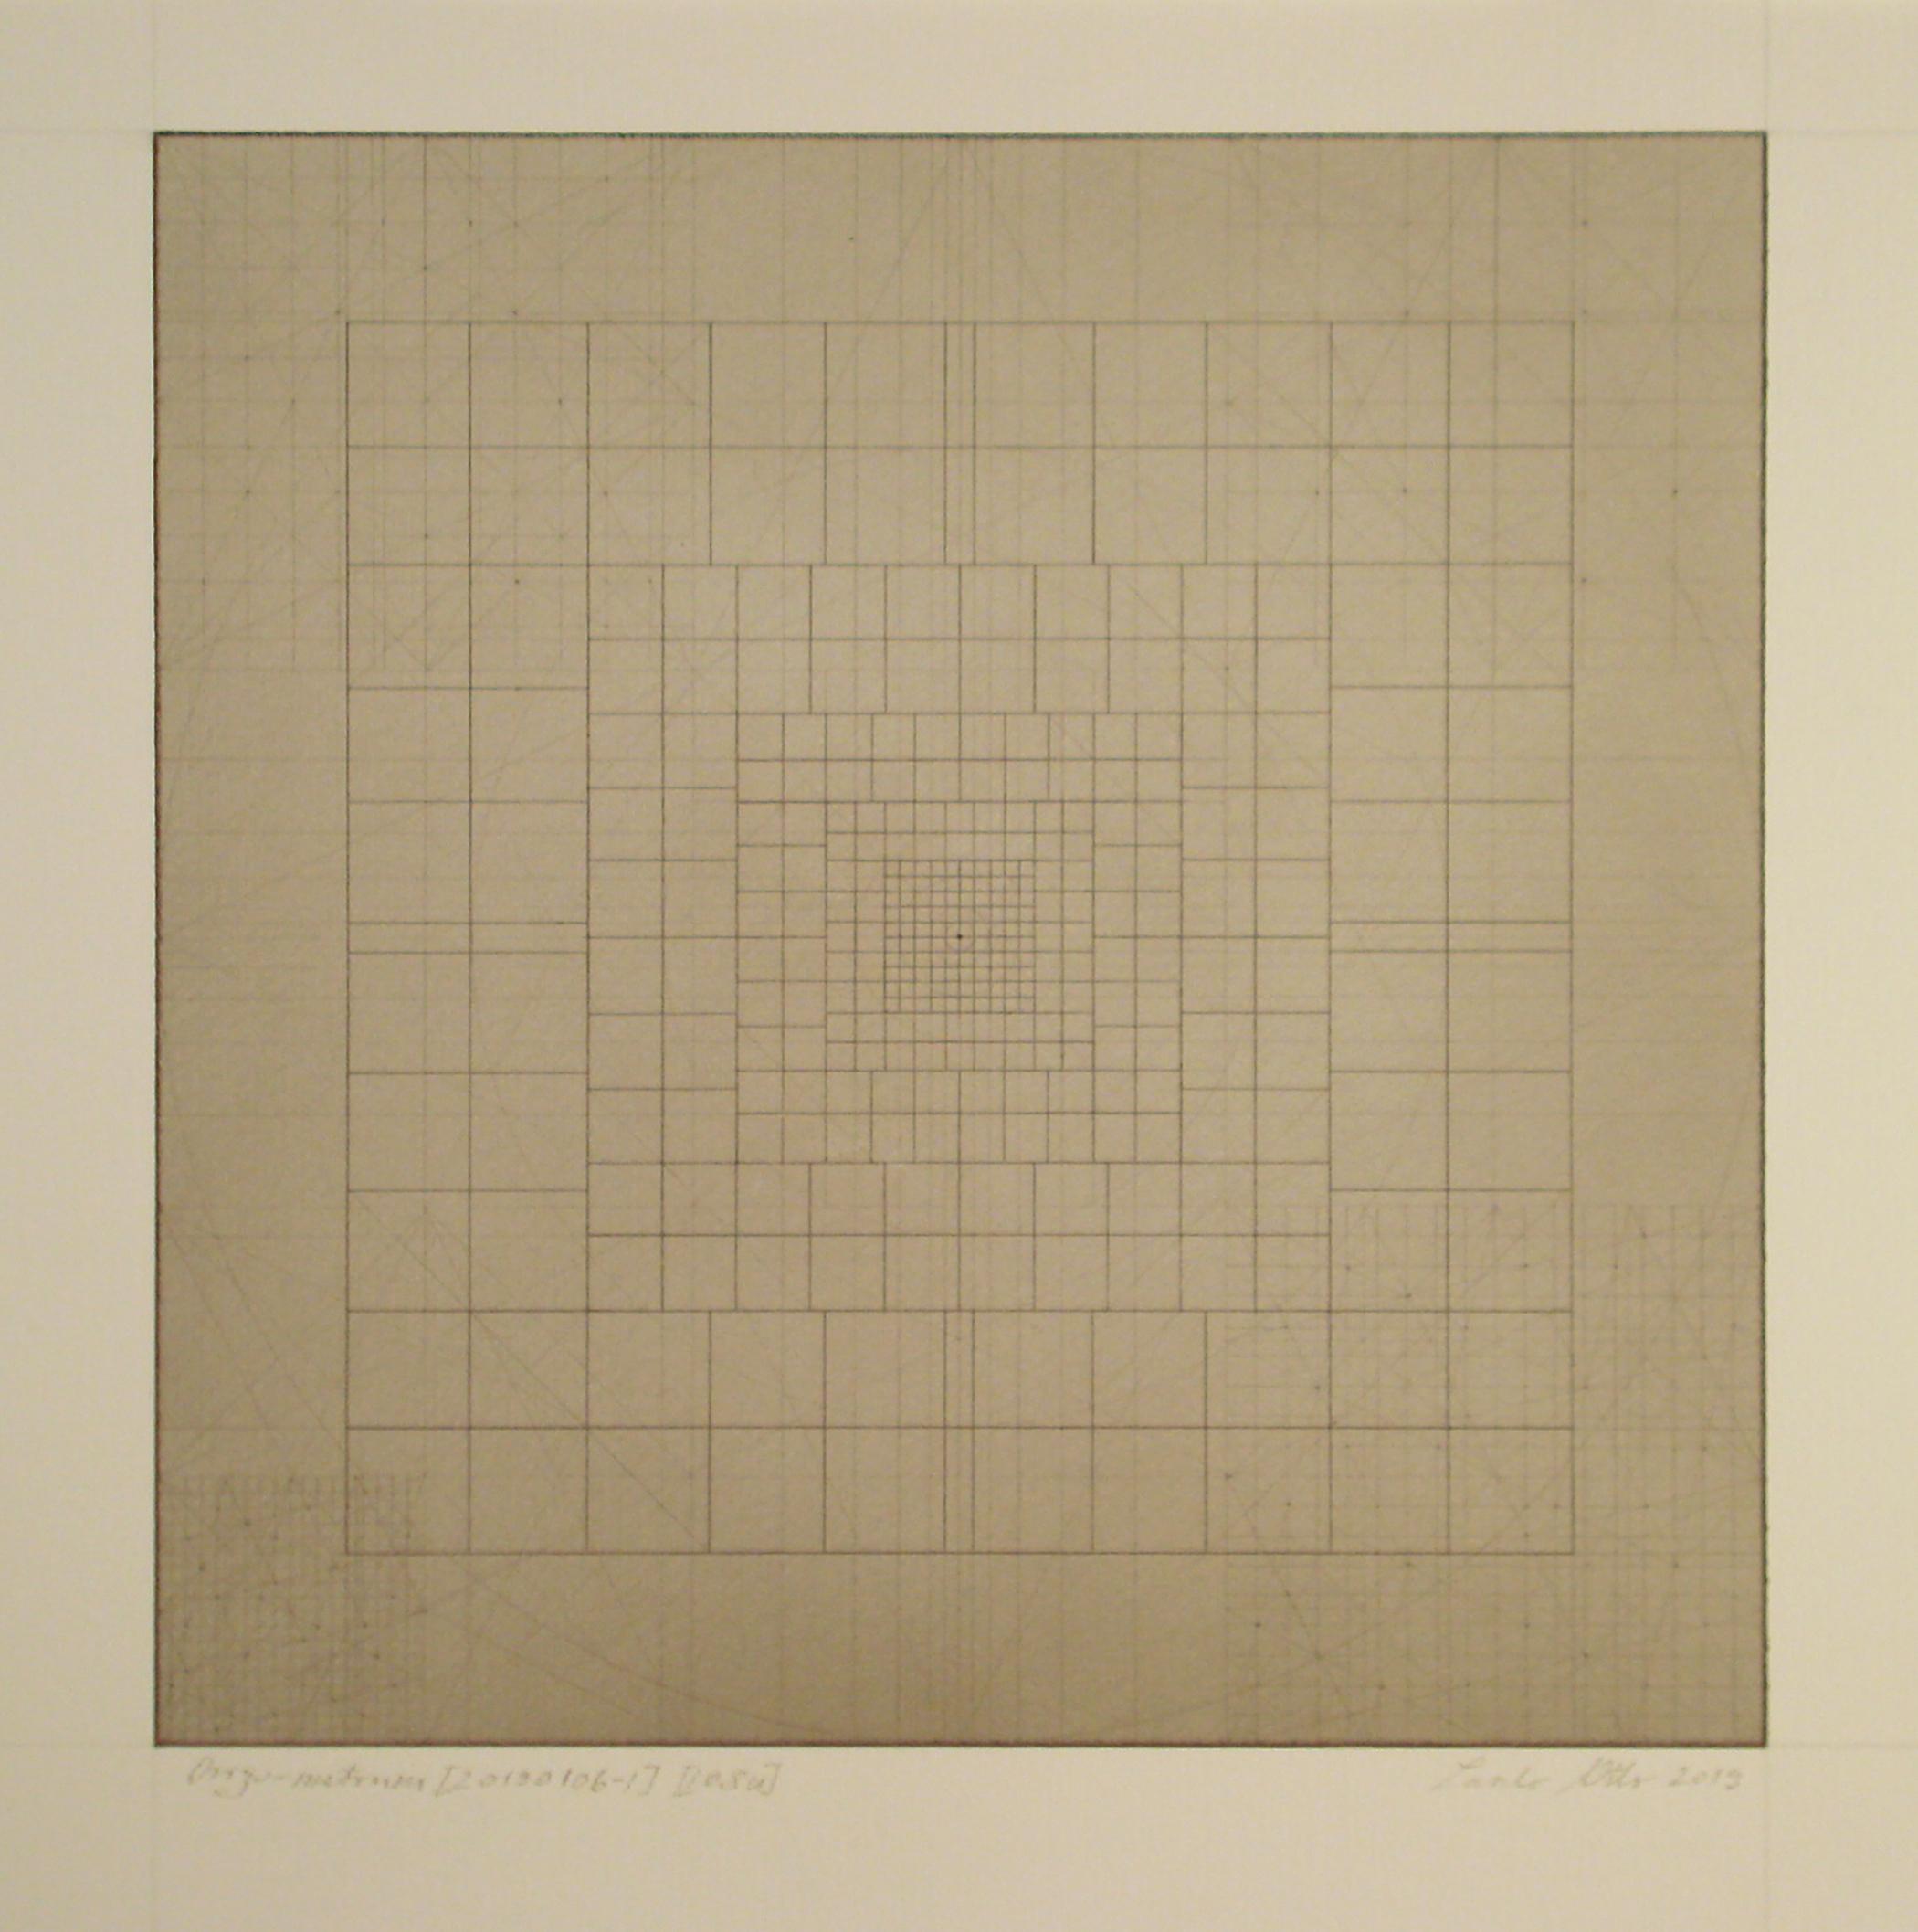 Origo-metrum [20190106-1], pencil on paper, color pigment, 17 3/4 x 17 3/4 in. [45x45cm]